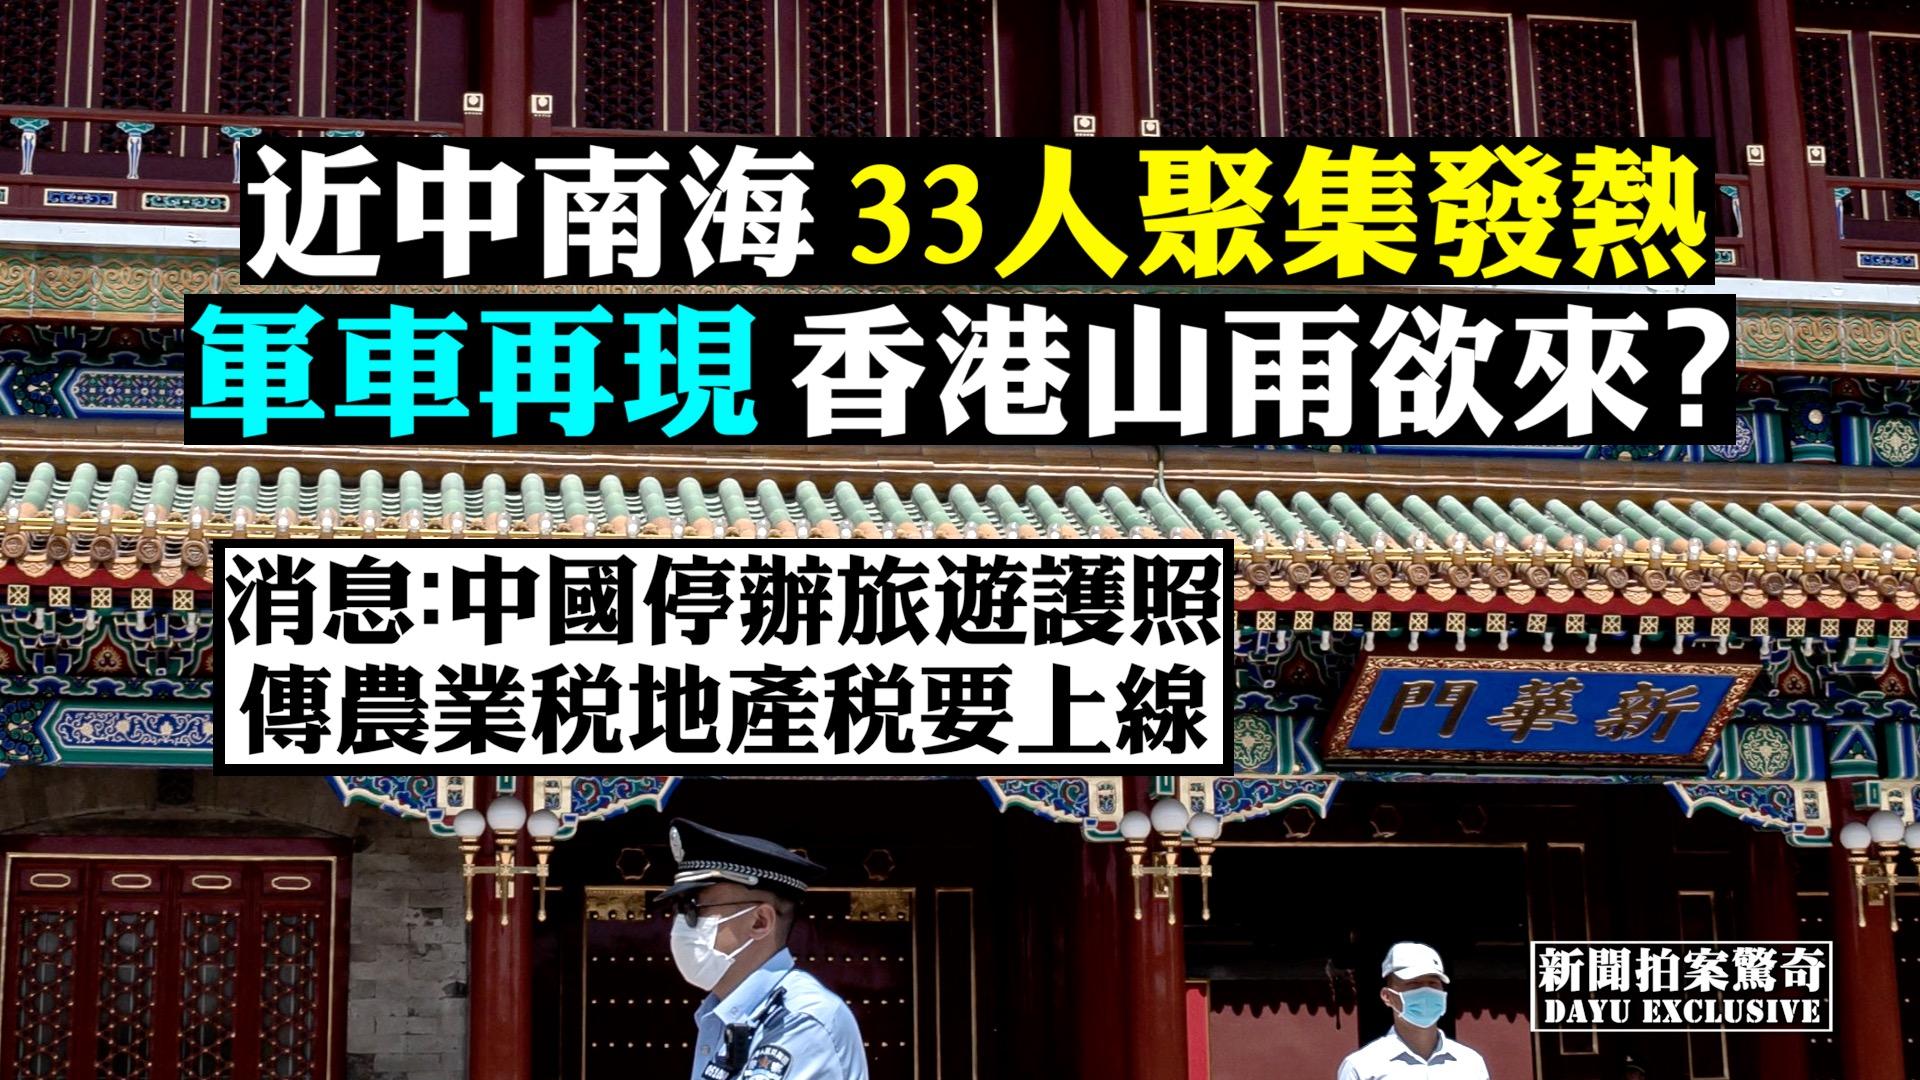 中共的兩會即將召開,但是中南海所在的北京西城區,卻傳出狀況。33人集體發熱;此外,香港風雨欲來。(新唐人合成)